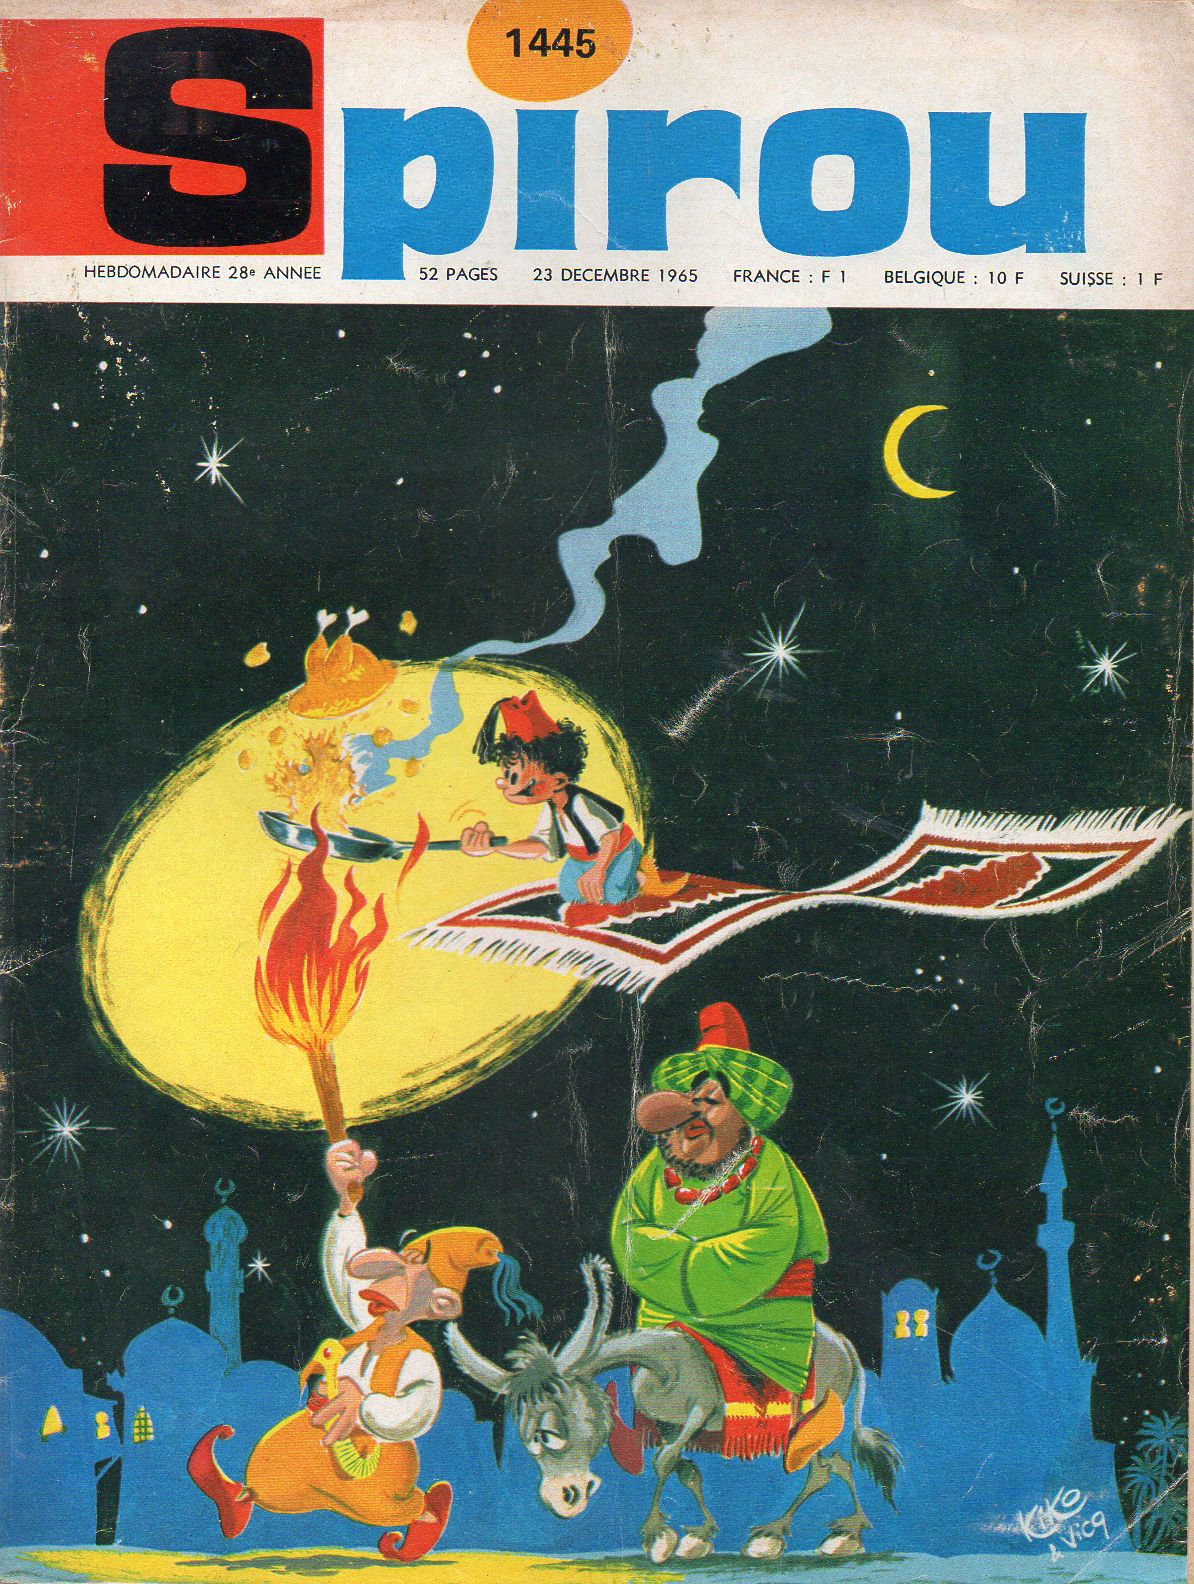 Le journal de Spirou 1445